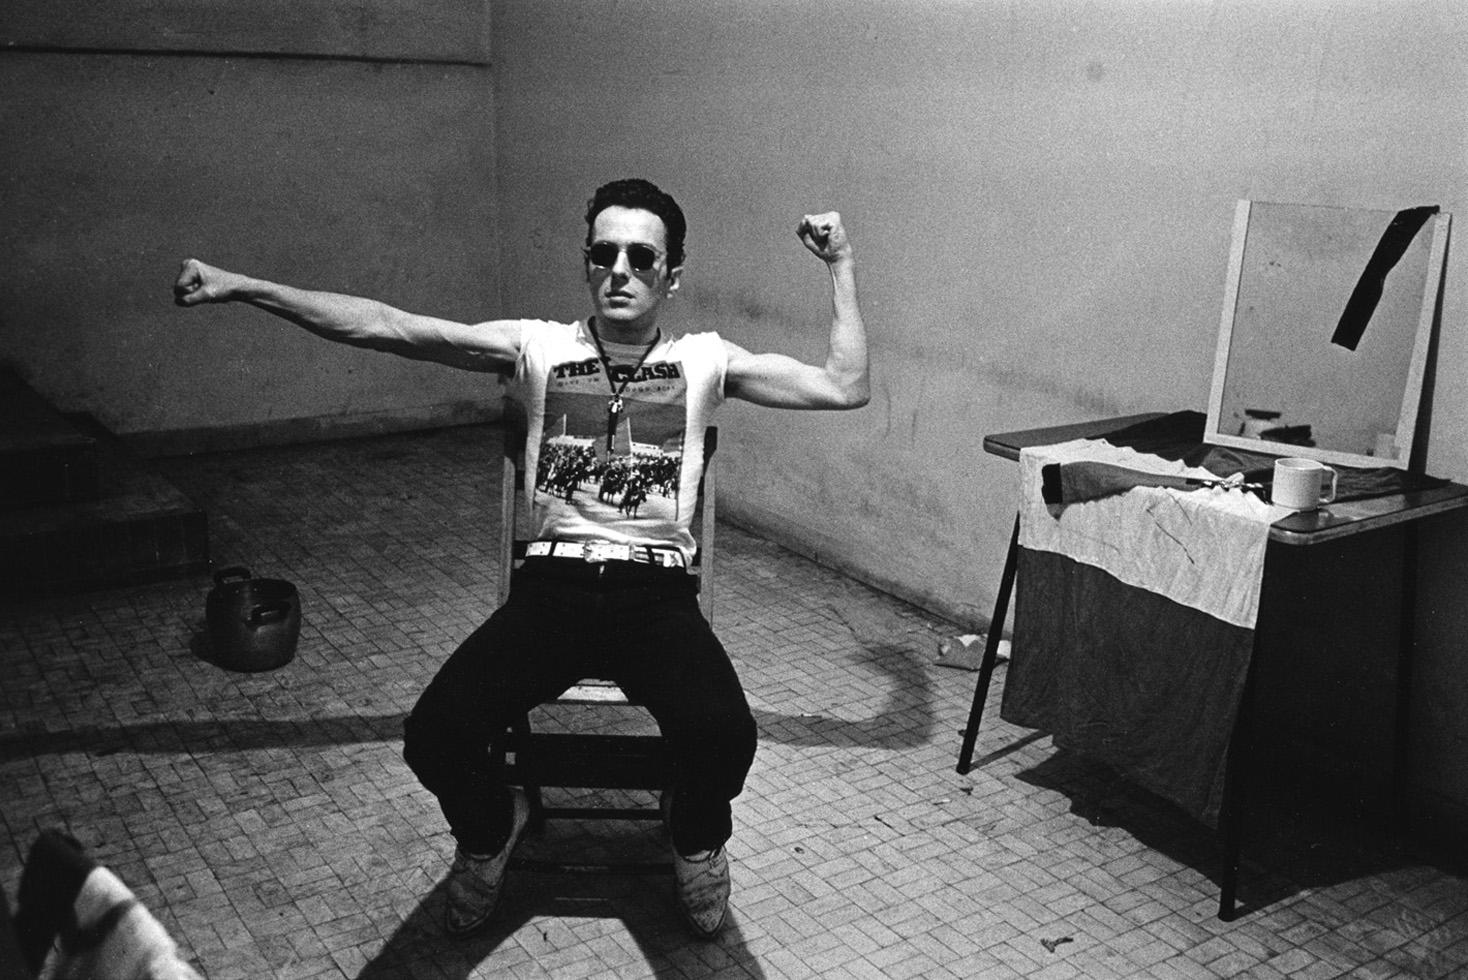 1981. Джо Страммер